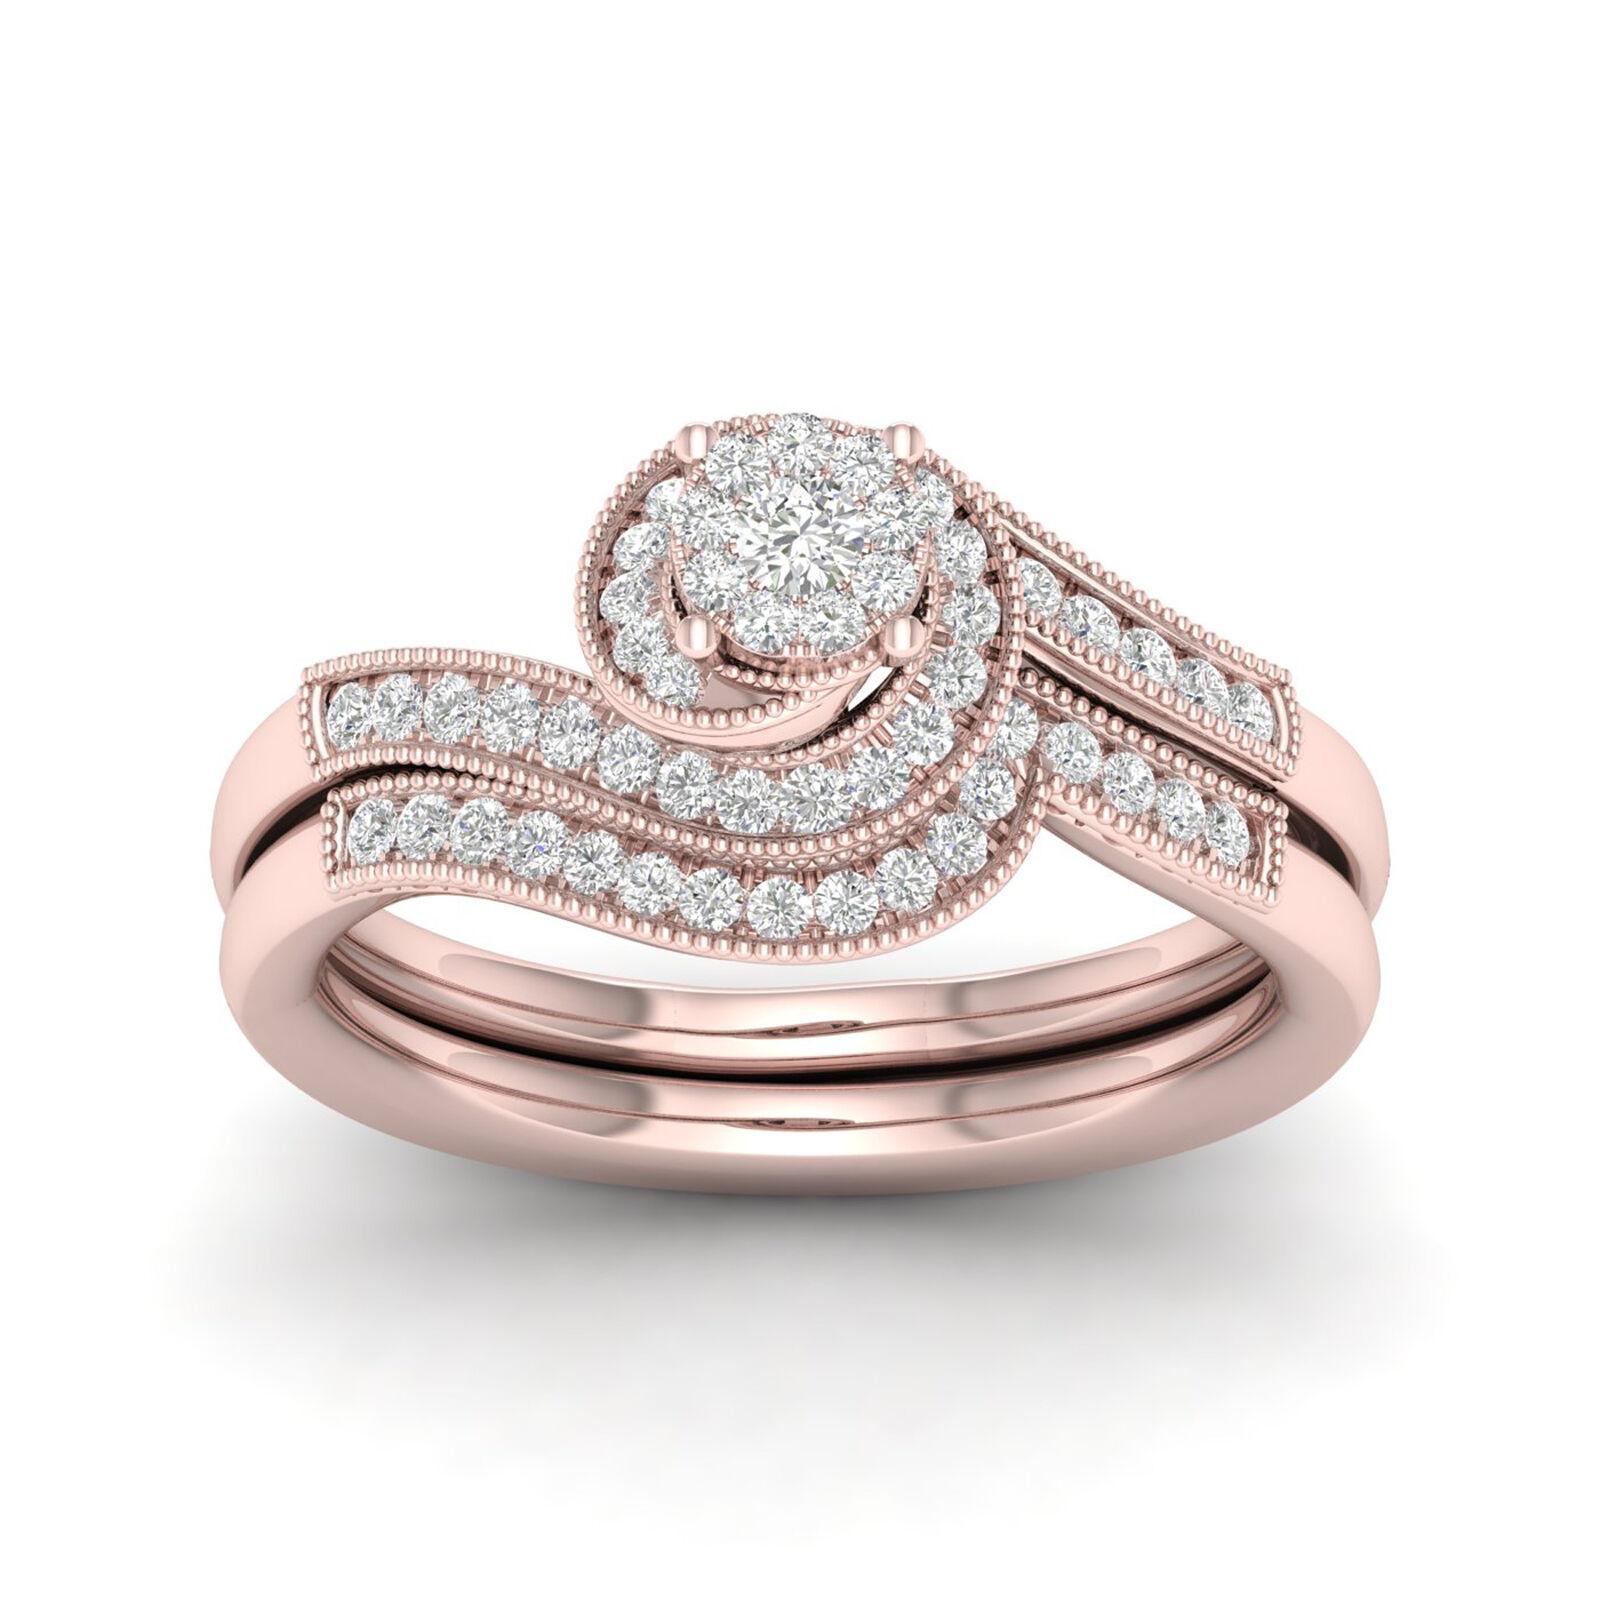 IGI Certified 10k pink gold 1 3ct TDW. Diamond Halo Bridal Ring